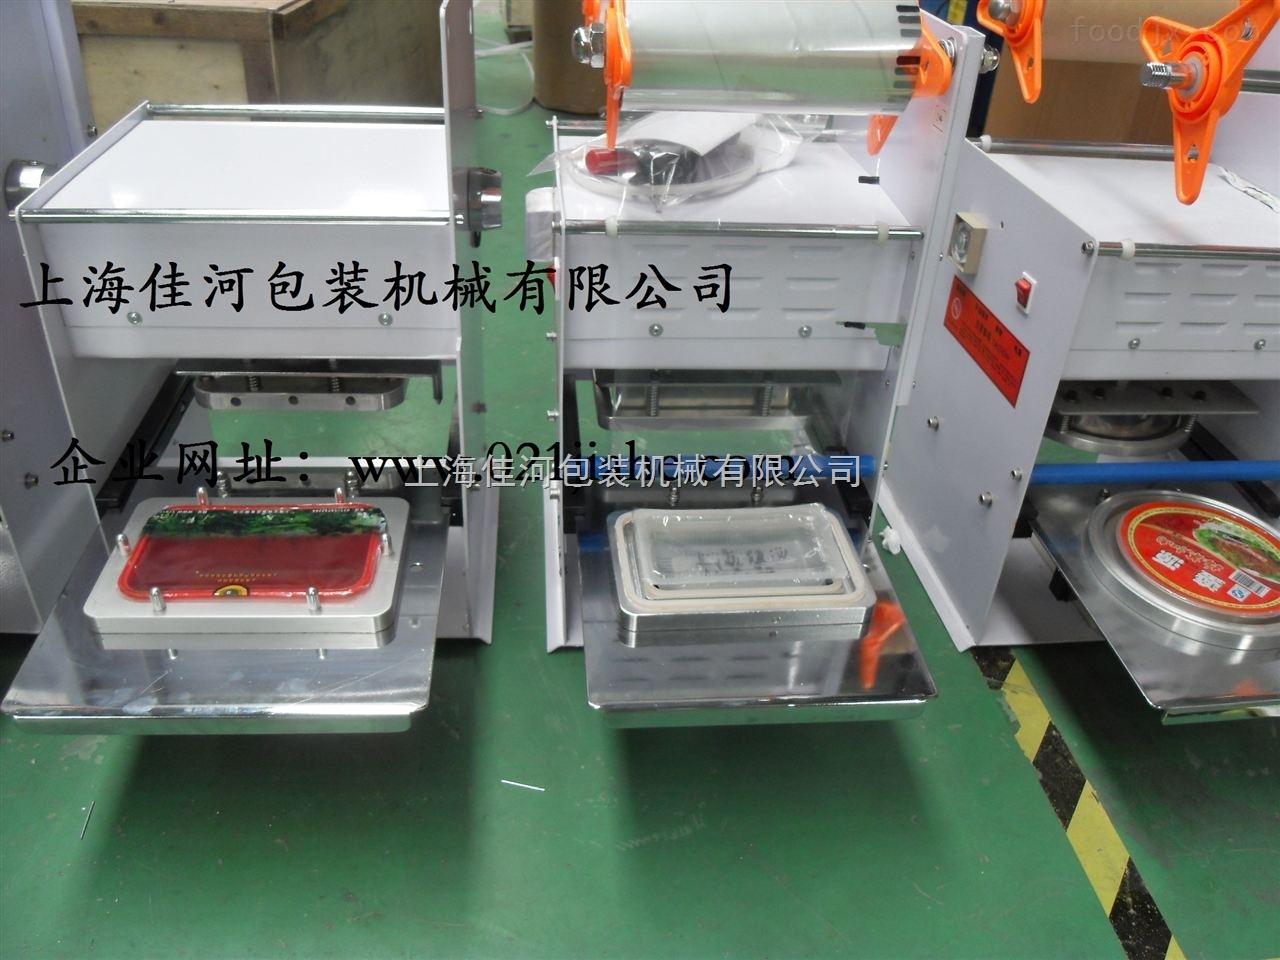 上海廠家直銷  不同型號 大小    正方形盒    pp盒   封口機